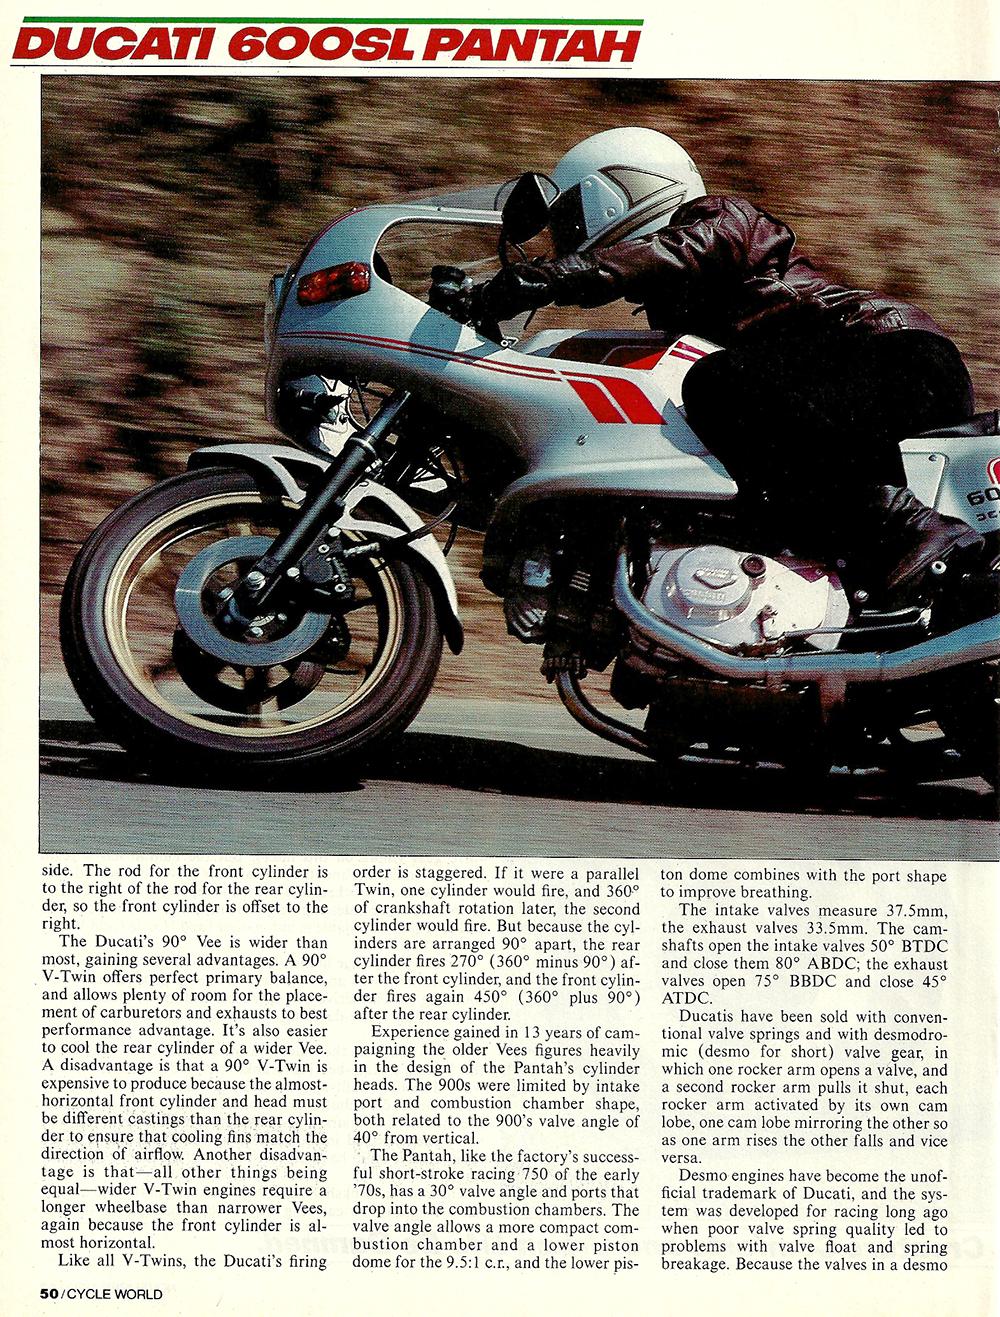 1982 Ducati 600SL Pantah road test 03.jpg